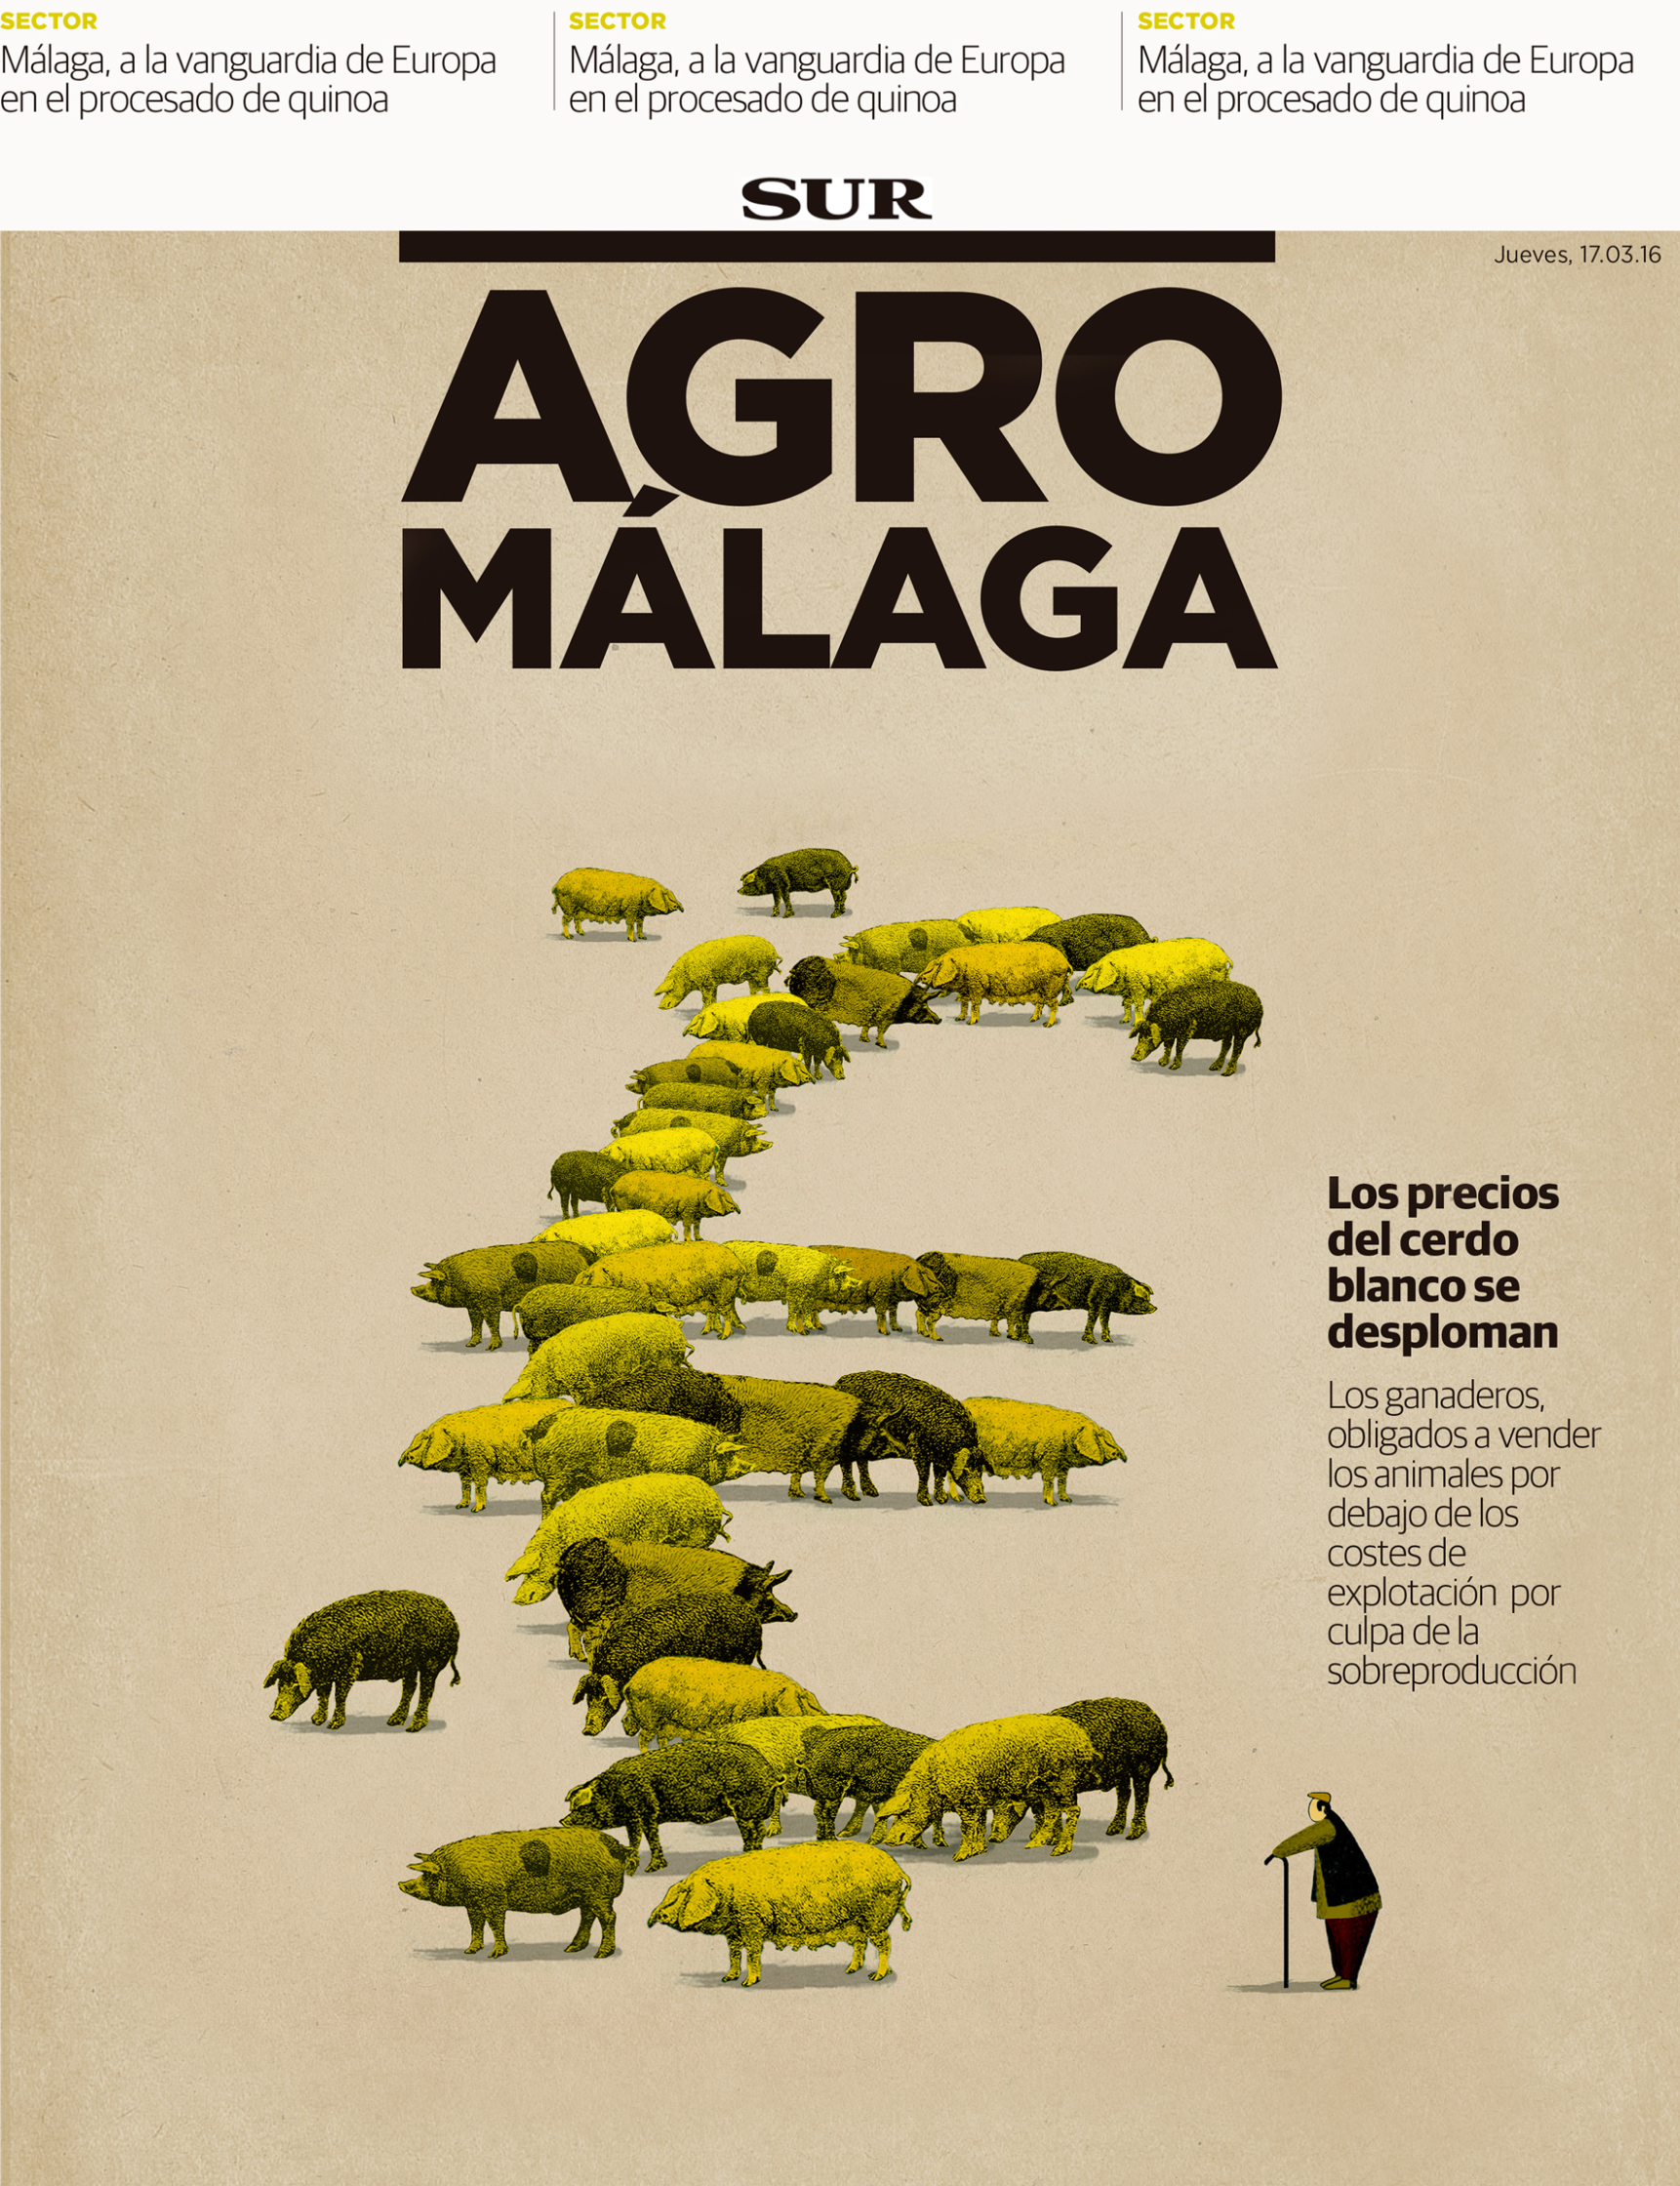 Cover-for-Diario-Sur.jpg